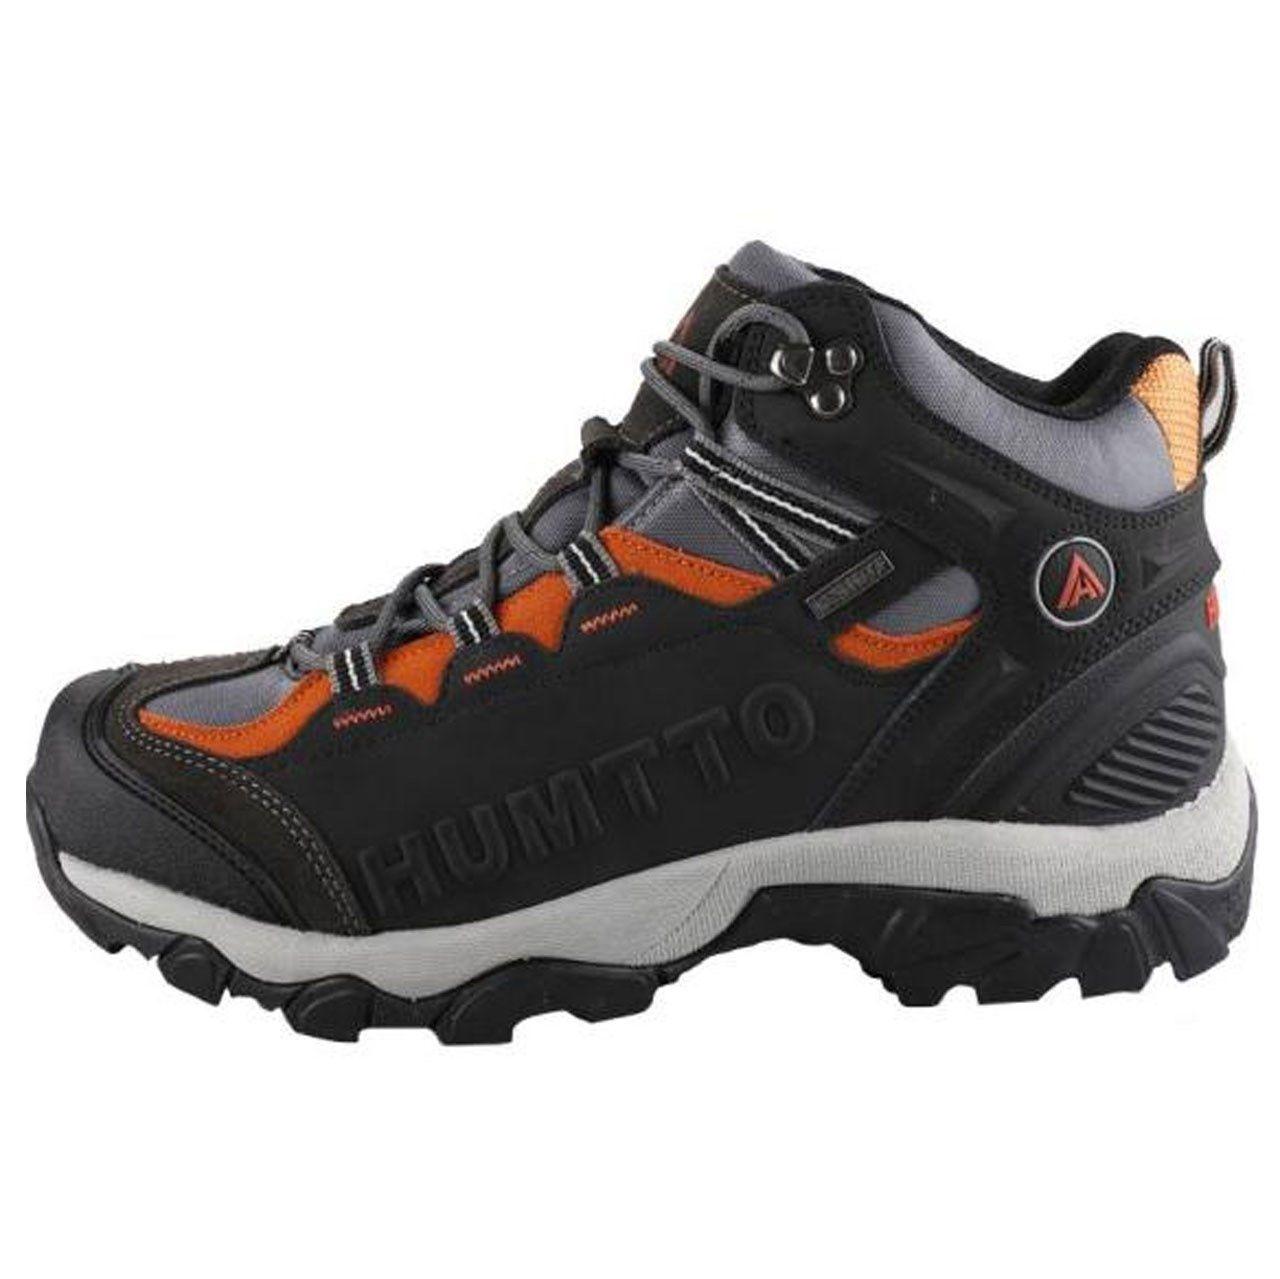 کفش مخصوص کوهنوردی مروانه مدل هامتو  کد 2-3908 -  - 2